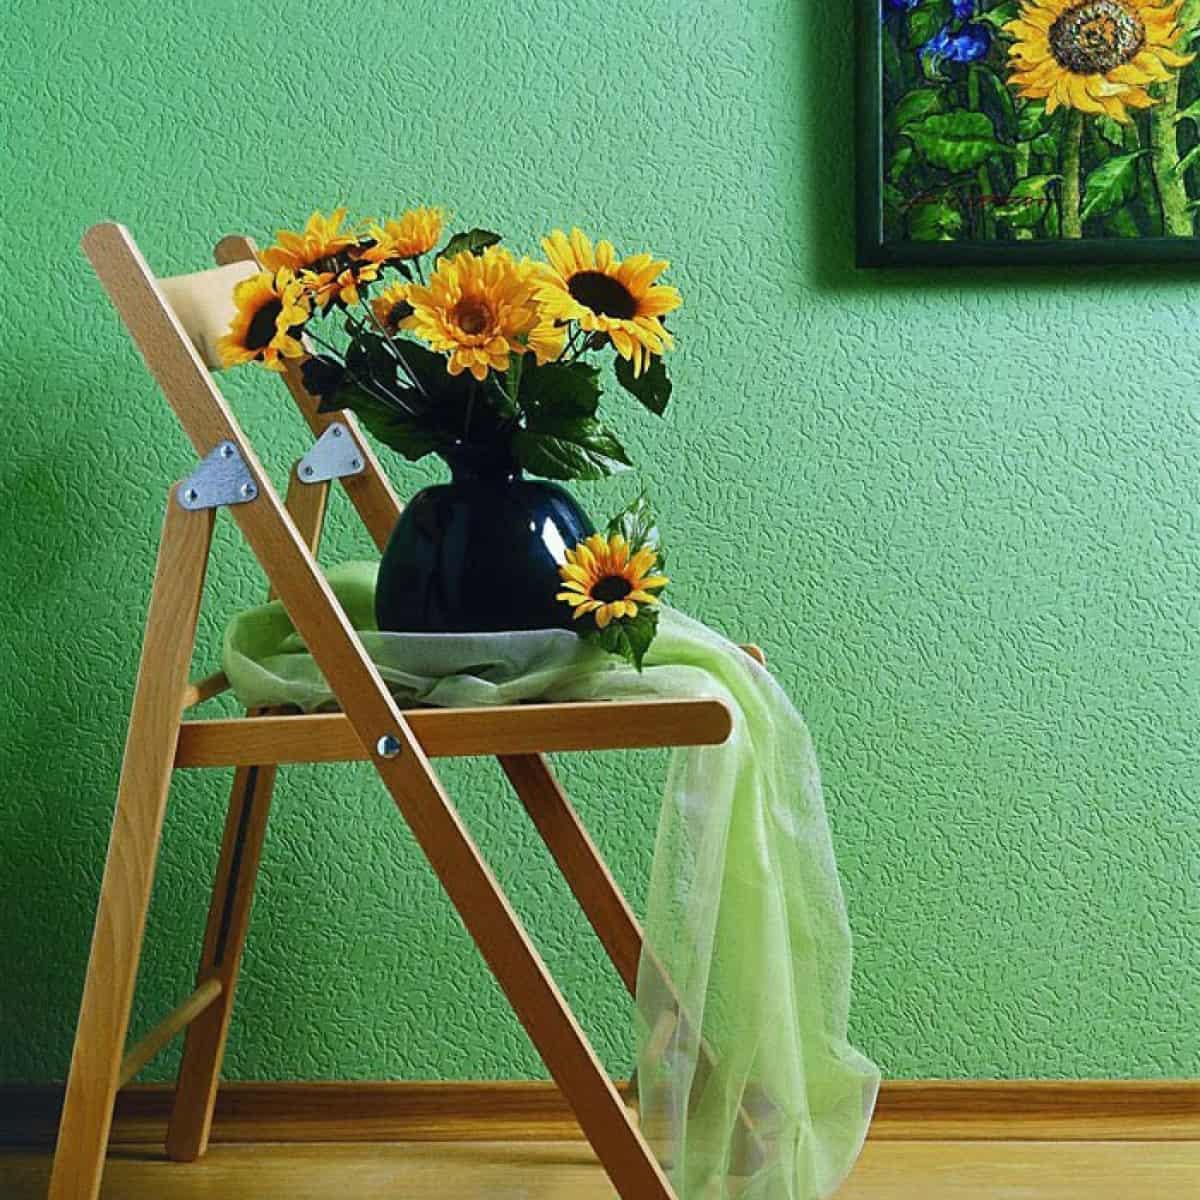 colt de bucatarie cu tapet verde cu scaun maro cu ghiveci cu floarea soarelui si tablou pe perete